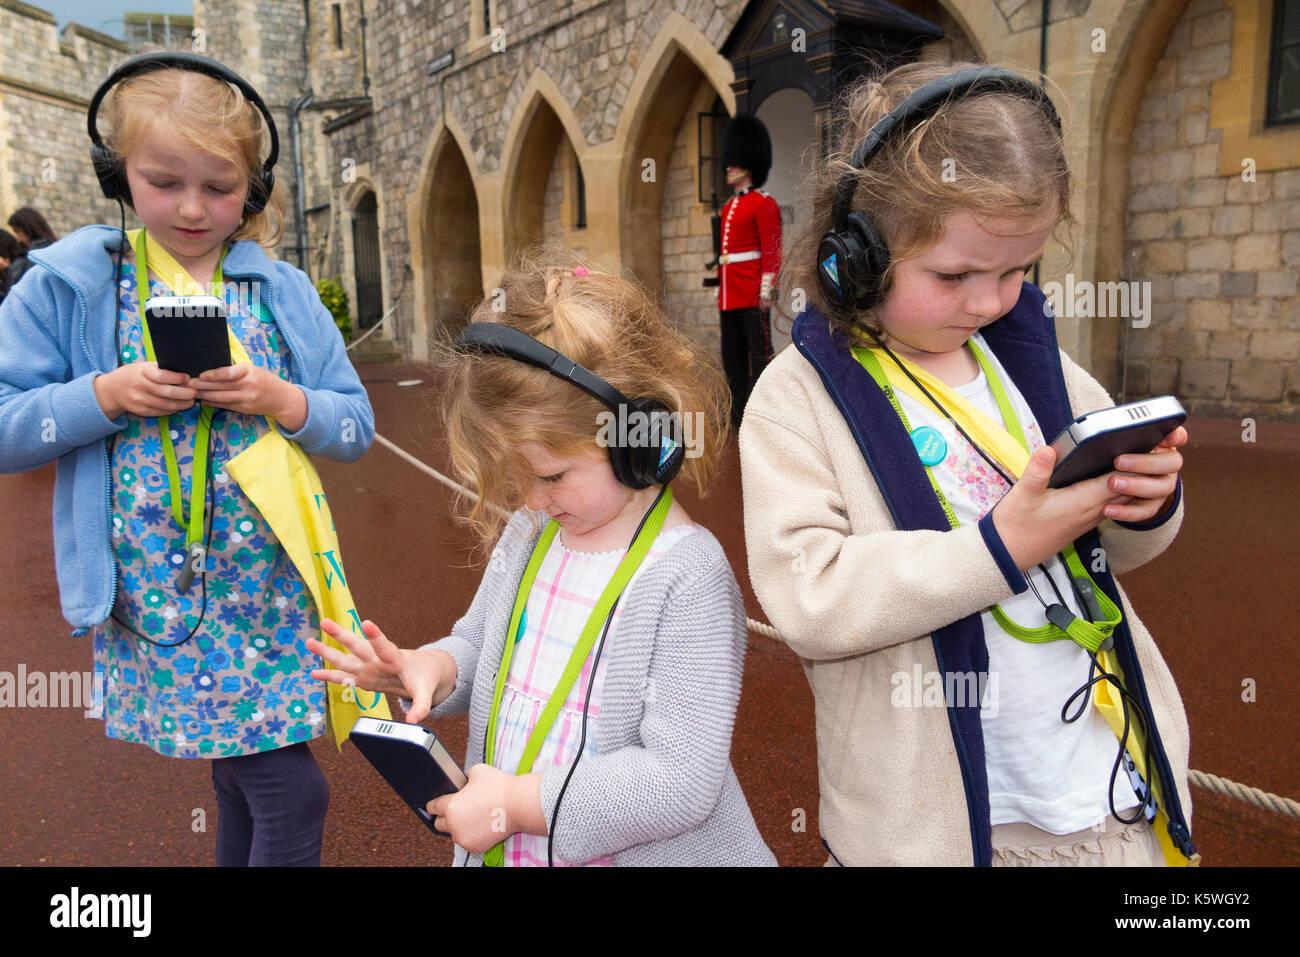 Le tre sorelle /bambini /kid /bambini in vacanza per ascoltare un audio guida informazioni durante un tour all'interno delle mura del Castello di Windsor, Berkshire REGNO UNITO. Immagini Stock